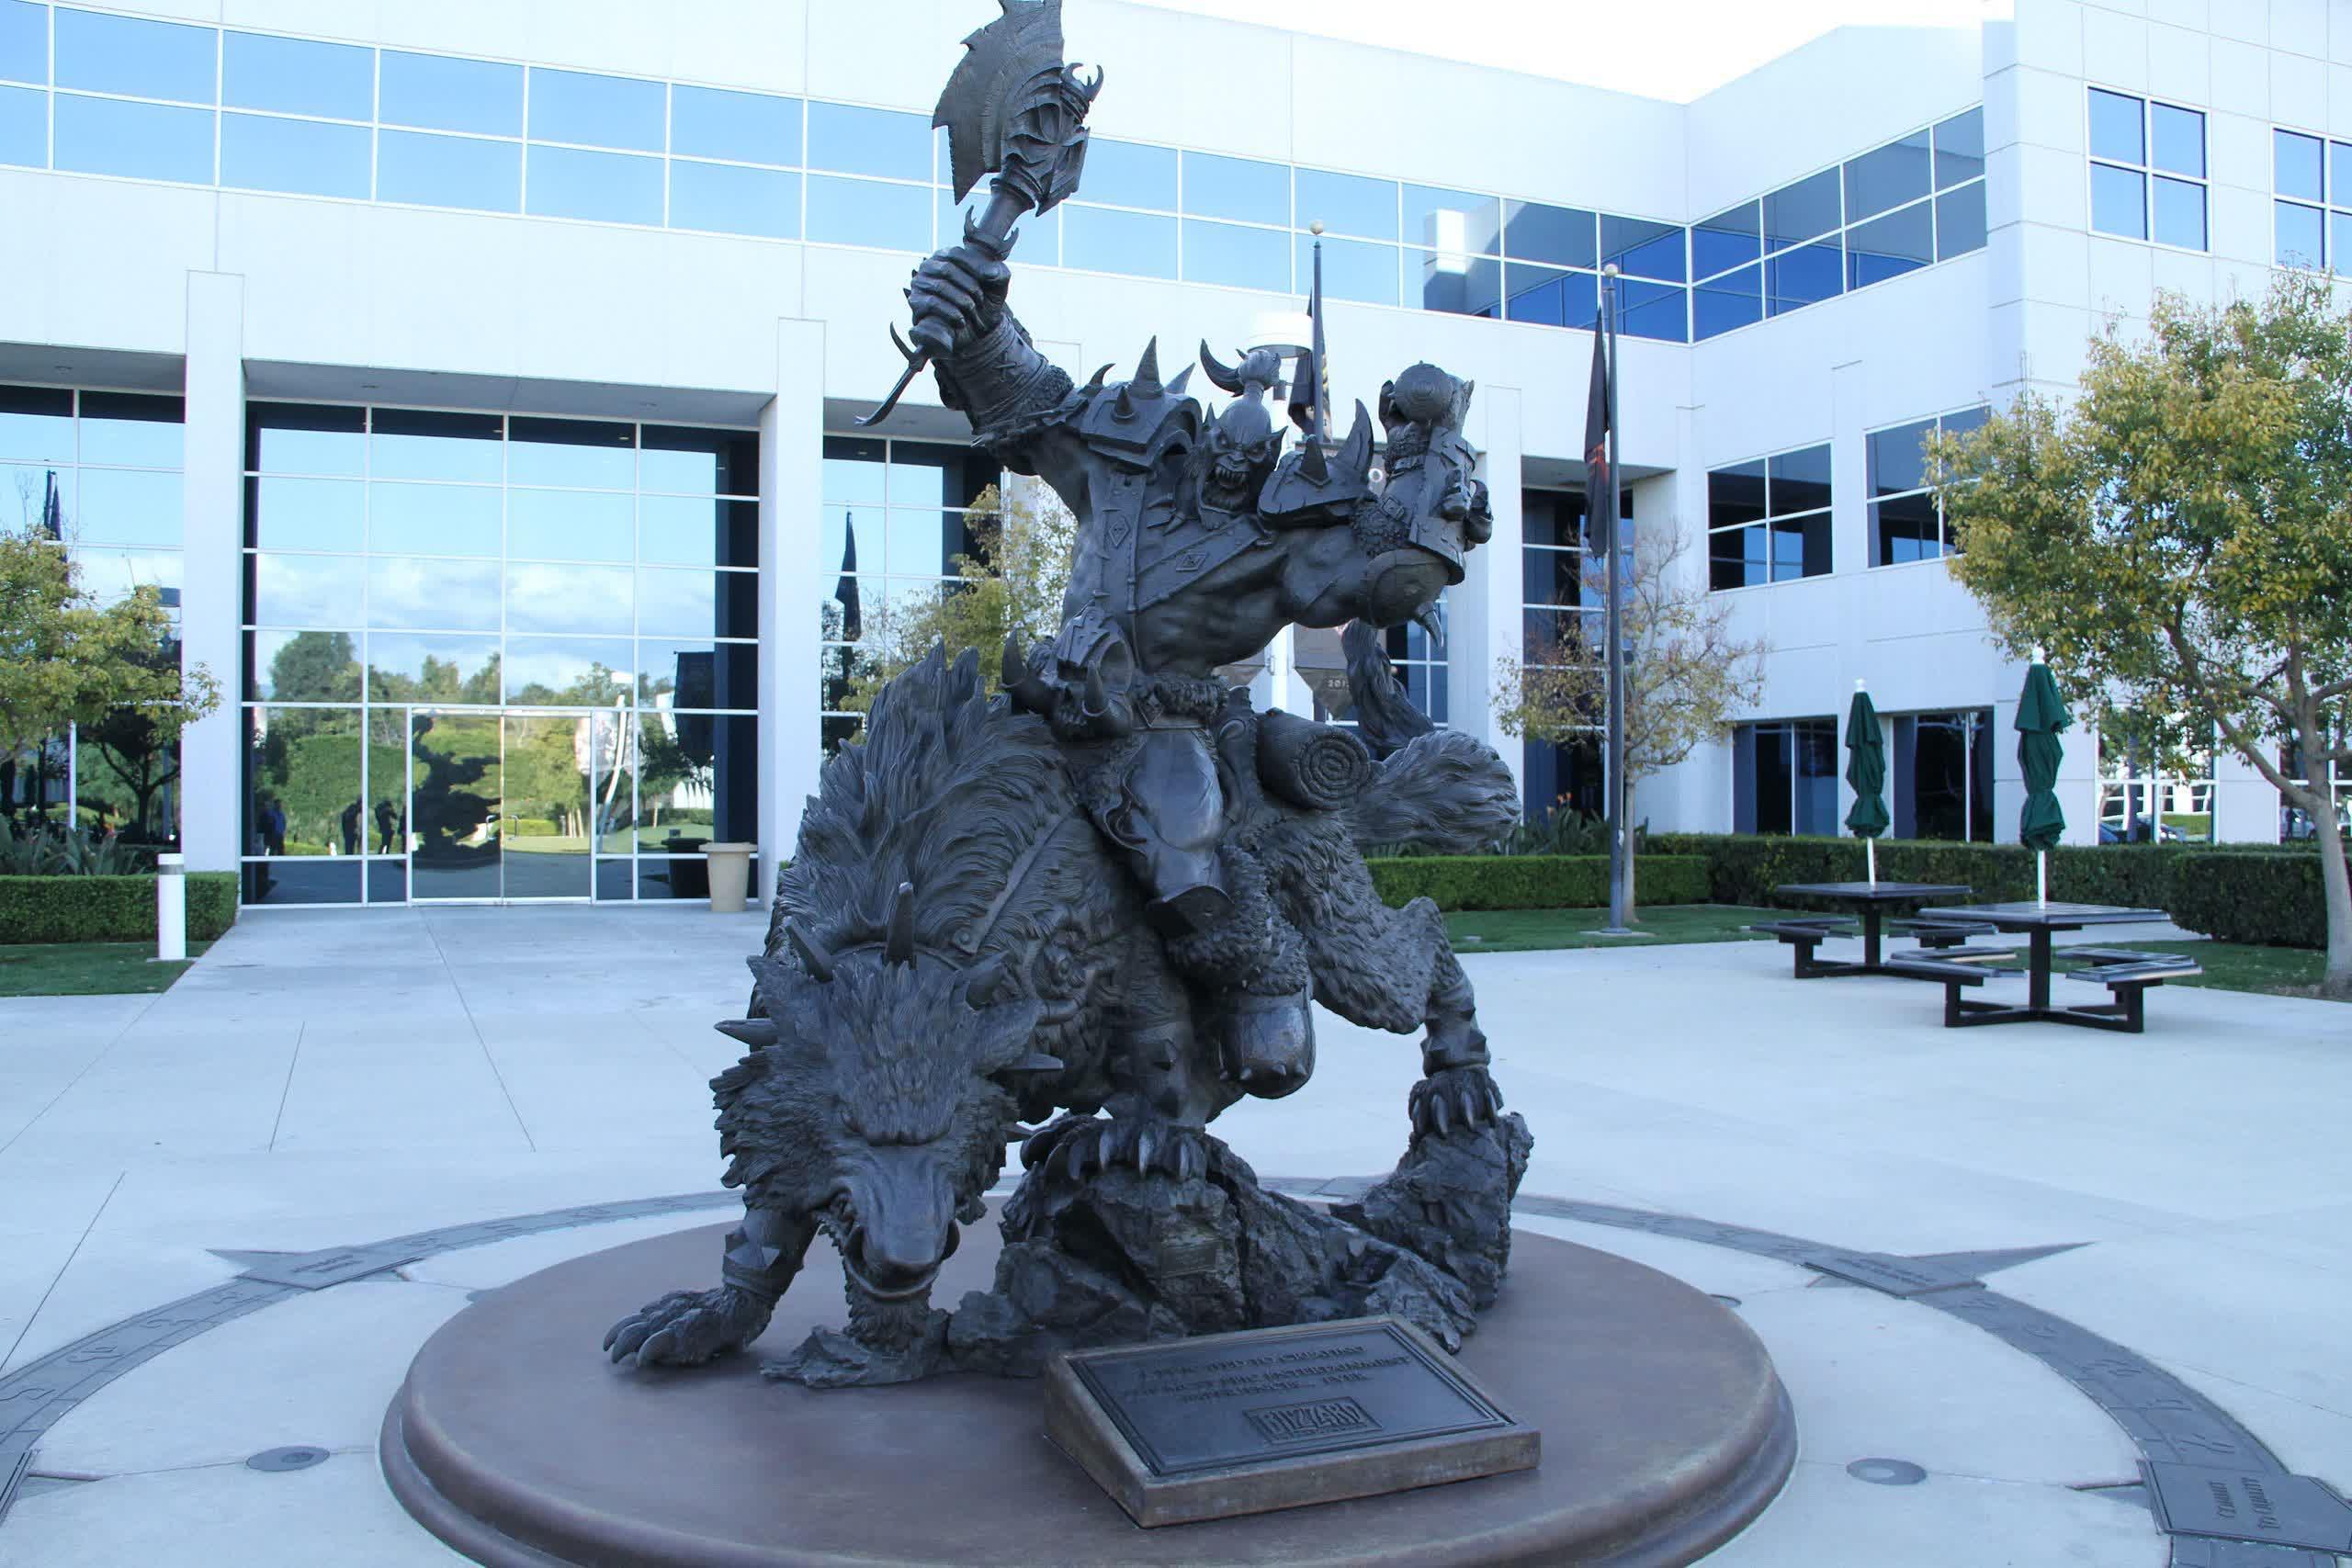 Les employes dActivision Blizzard CWA deposent une plainte pour pratiques